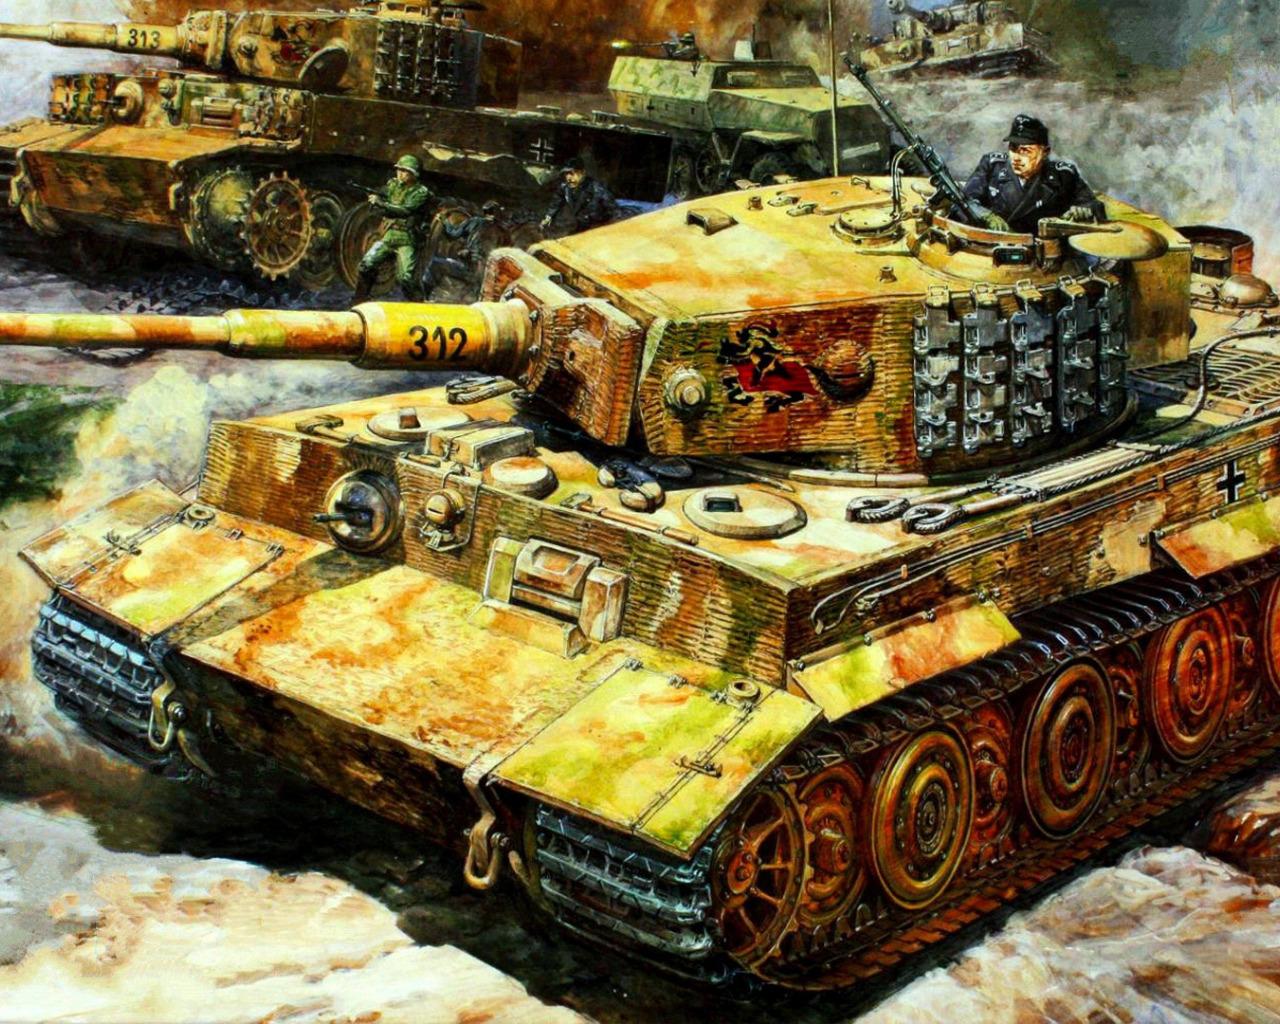 Лучшие картинки немецких танков отечественного импортного